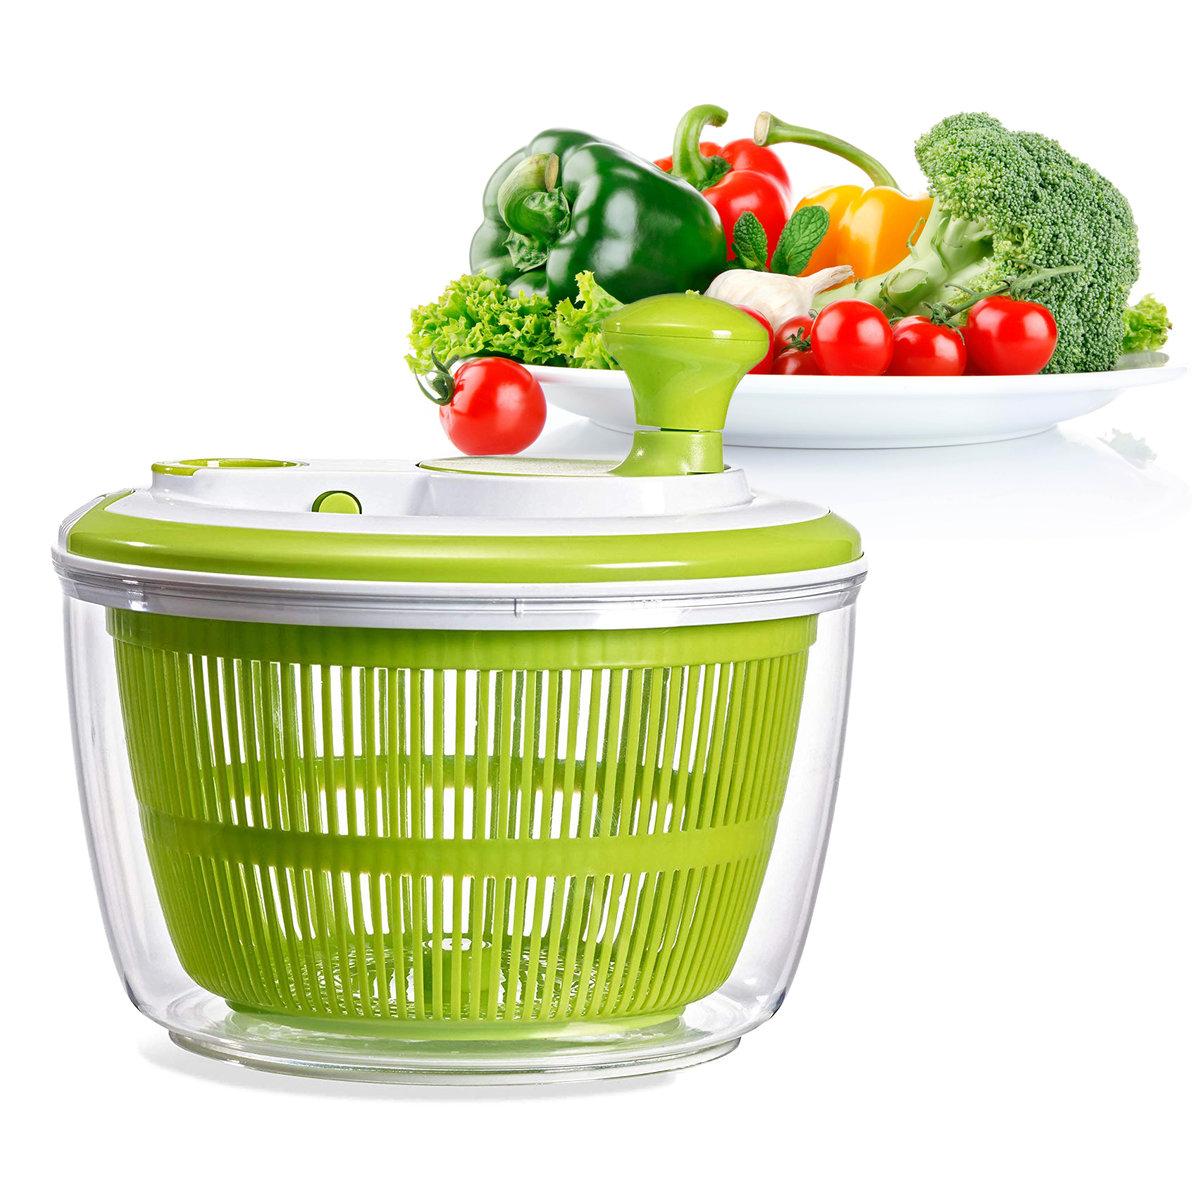 廚房用品 手動快速脫水 蔬菜 水果 沙律 脫水器 瀝水籃 收納碗